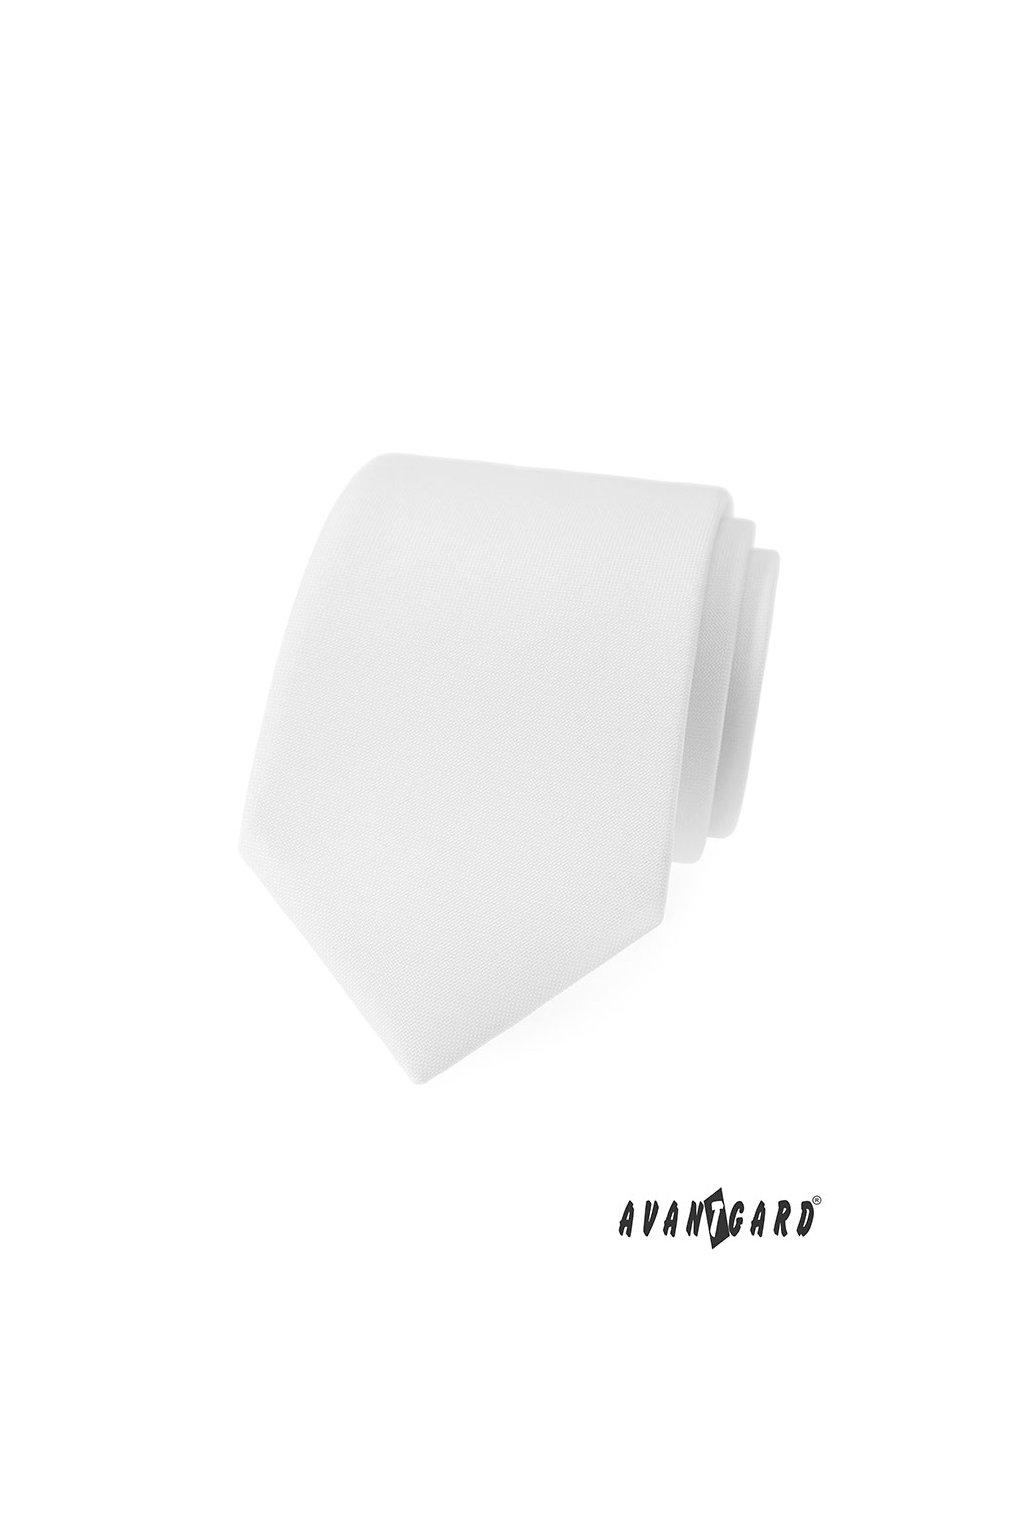 Bílá luxusní módní kravata 561 - 9846